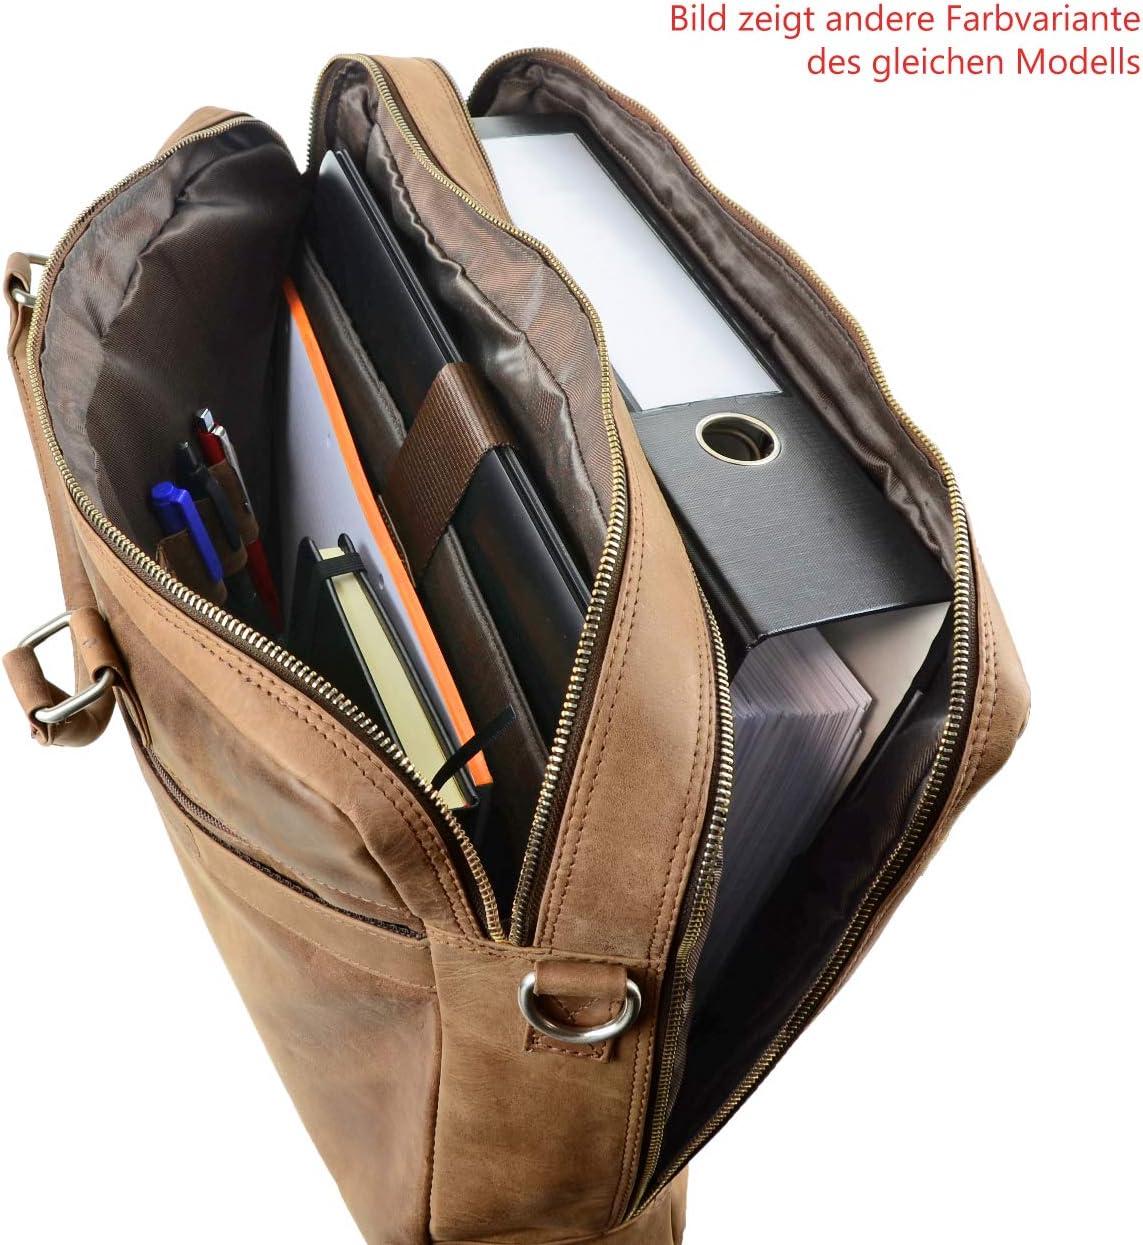 Colibri Kano Aktentasche Umh/ängetasche 15,6 Zoll Leder Herren und Damen Umh/ängetasche Laptoptasche Notebooktasche Braun